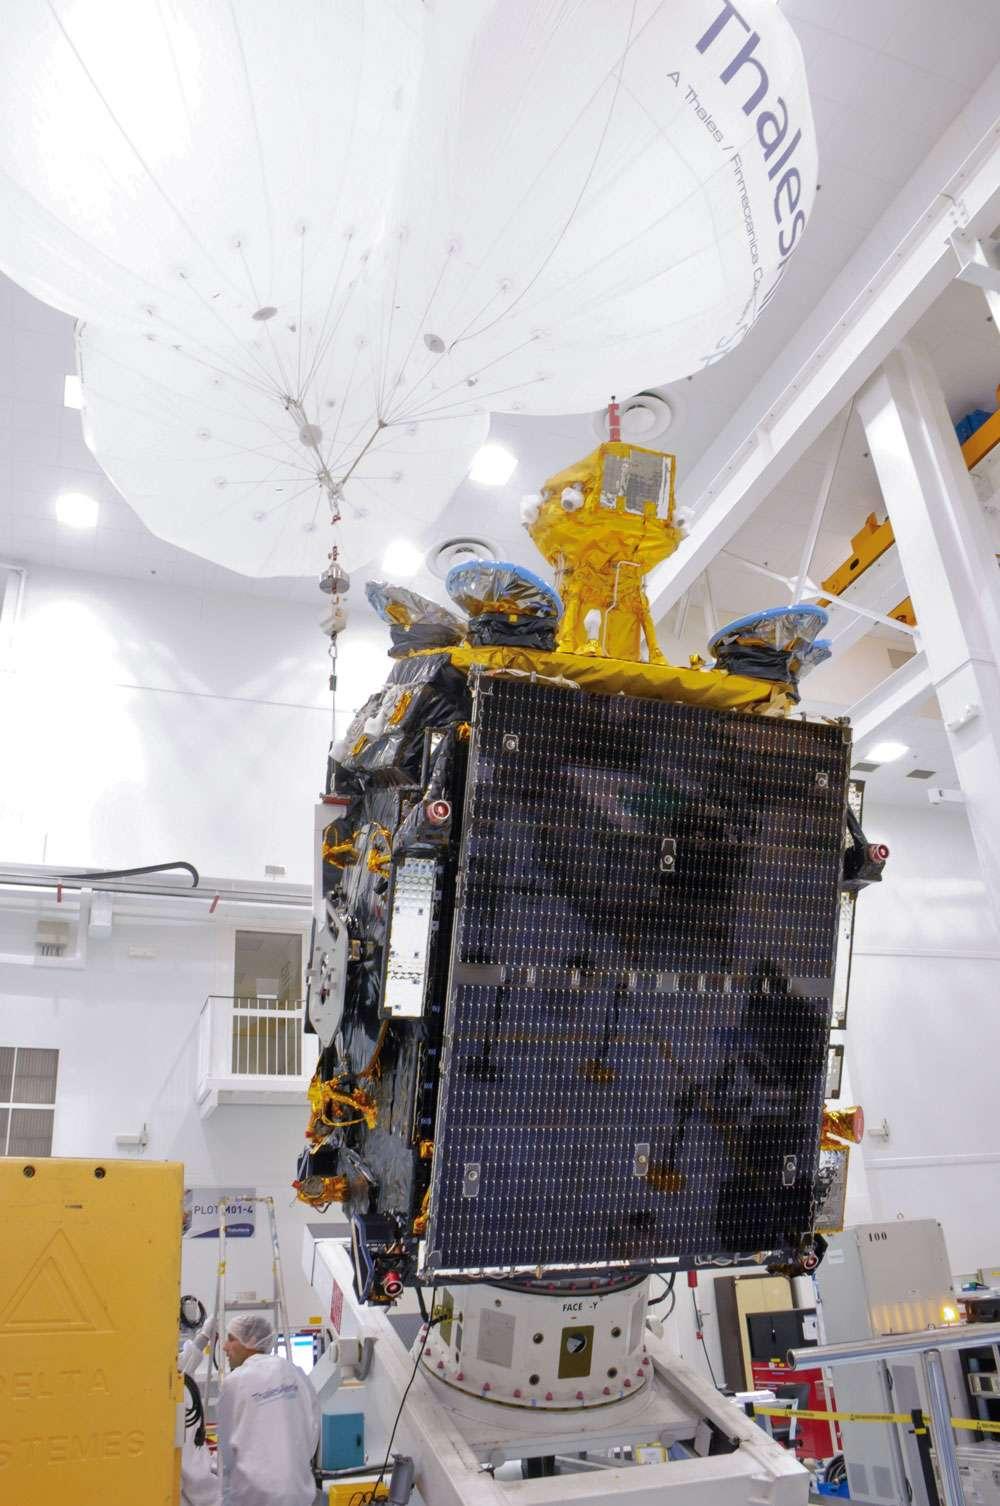 Le satellite Athena-Fidus dans les locaux cannois de Thales Alenia Space (en novembre 2013) pour d'ultimes vérifications et la préparation de son transfert vers le Centre spatial de Kourou. © Rémy Decourt